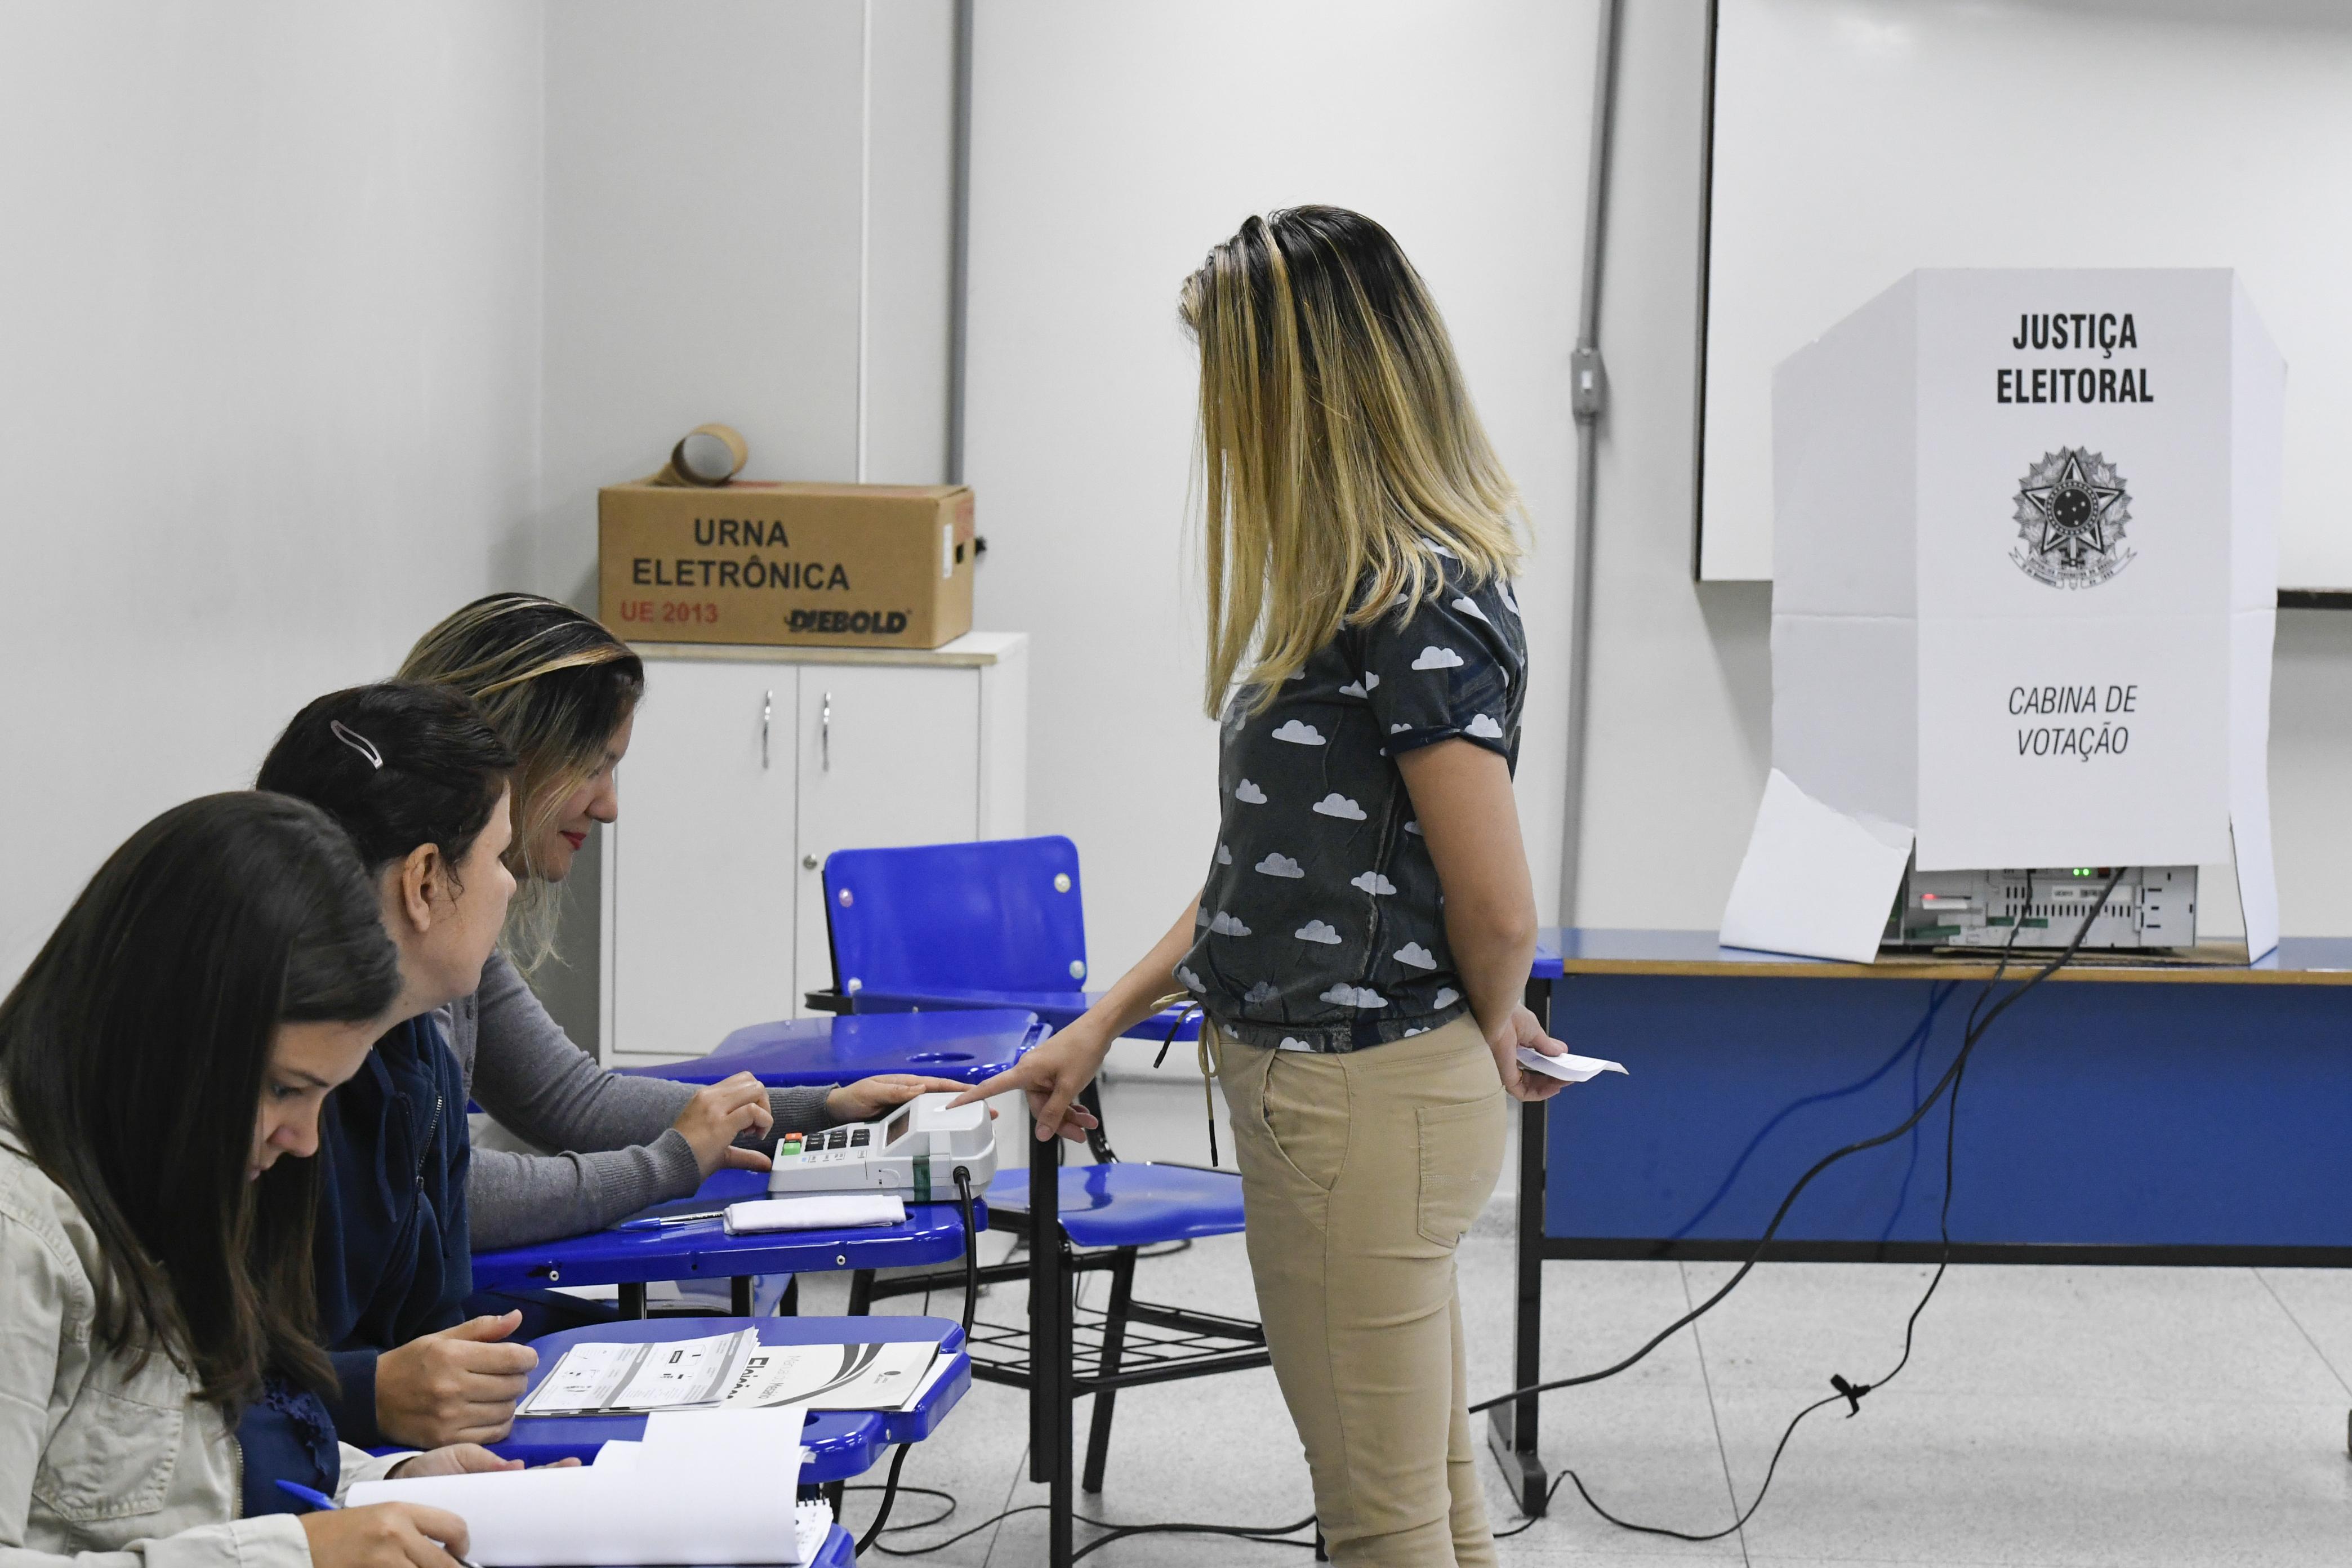 File:Eleições 2018 - Primeiro turno - 31294555528.jpg - Wikimedia Commons